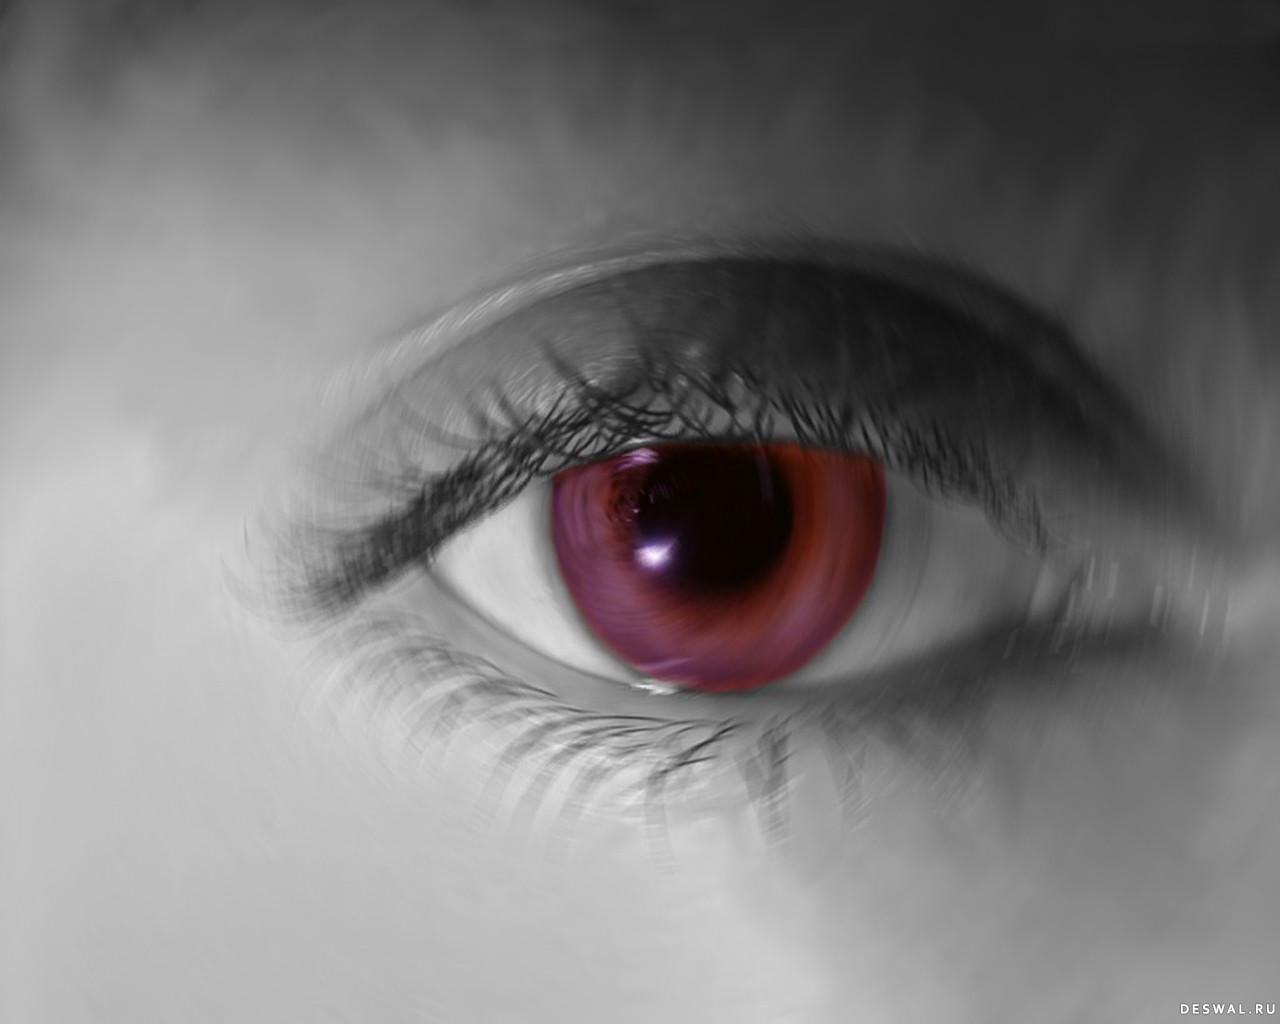 Фото 7.. Нажмите на картинку с обоями глаз, чтобы просмотреть ее в реальном размере